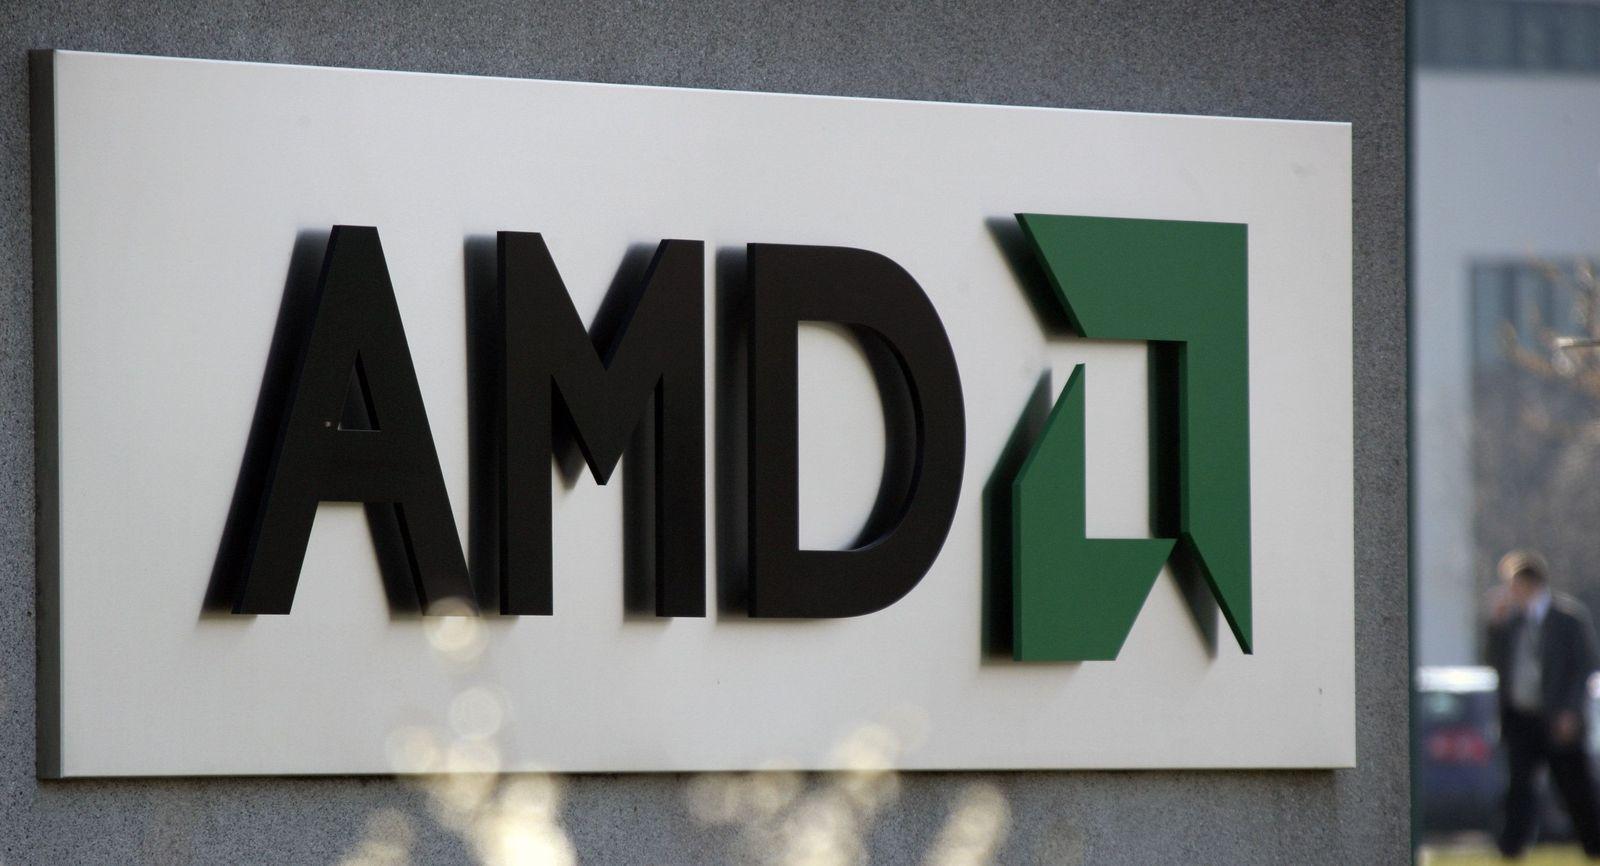 Chiphersteller AMD